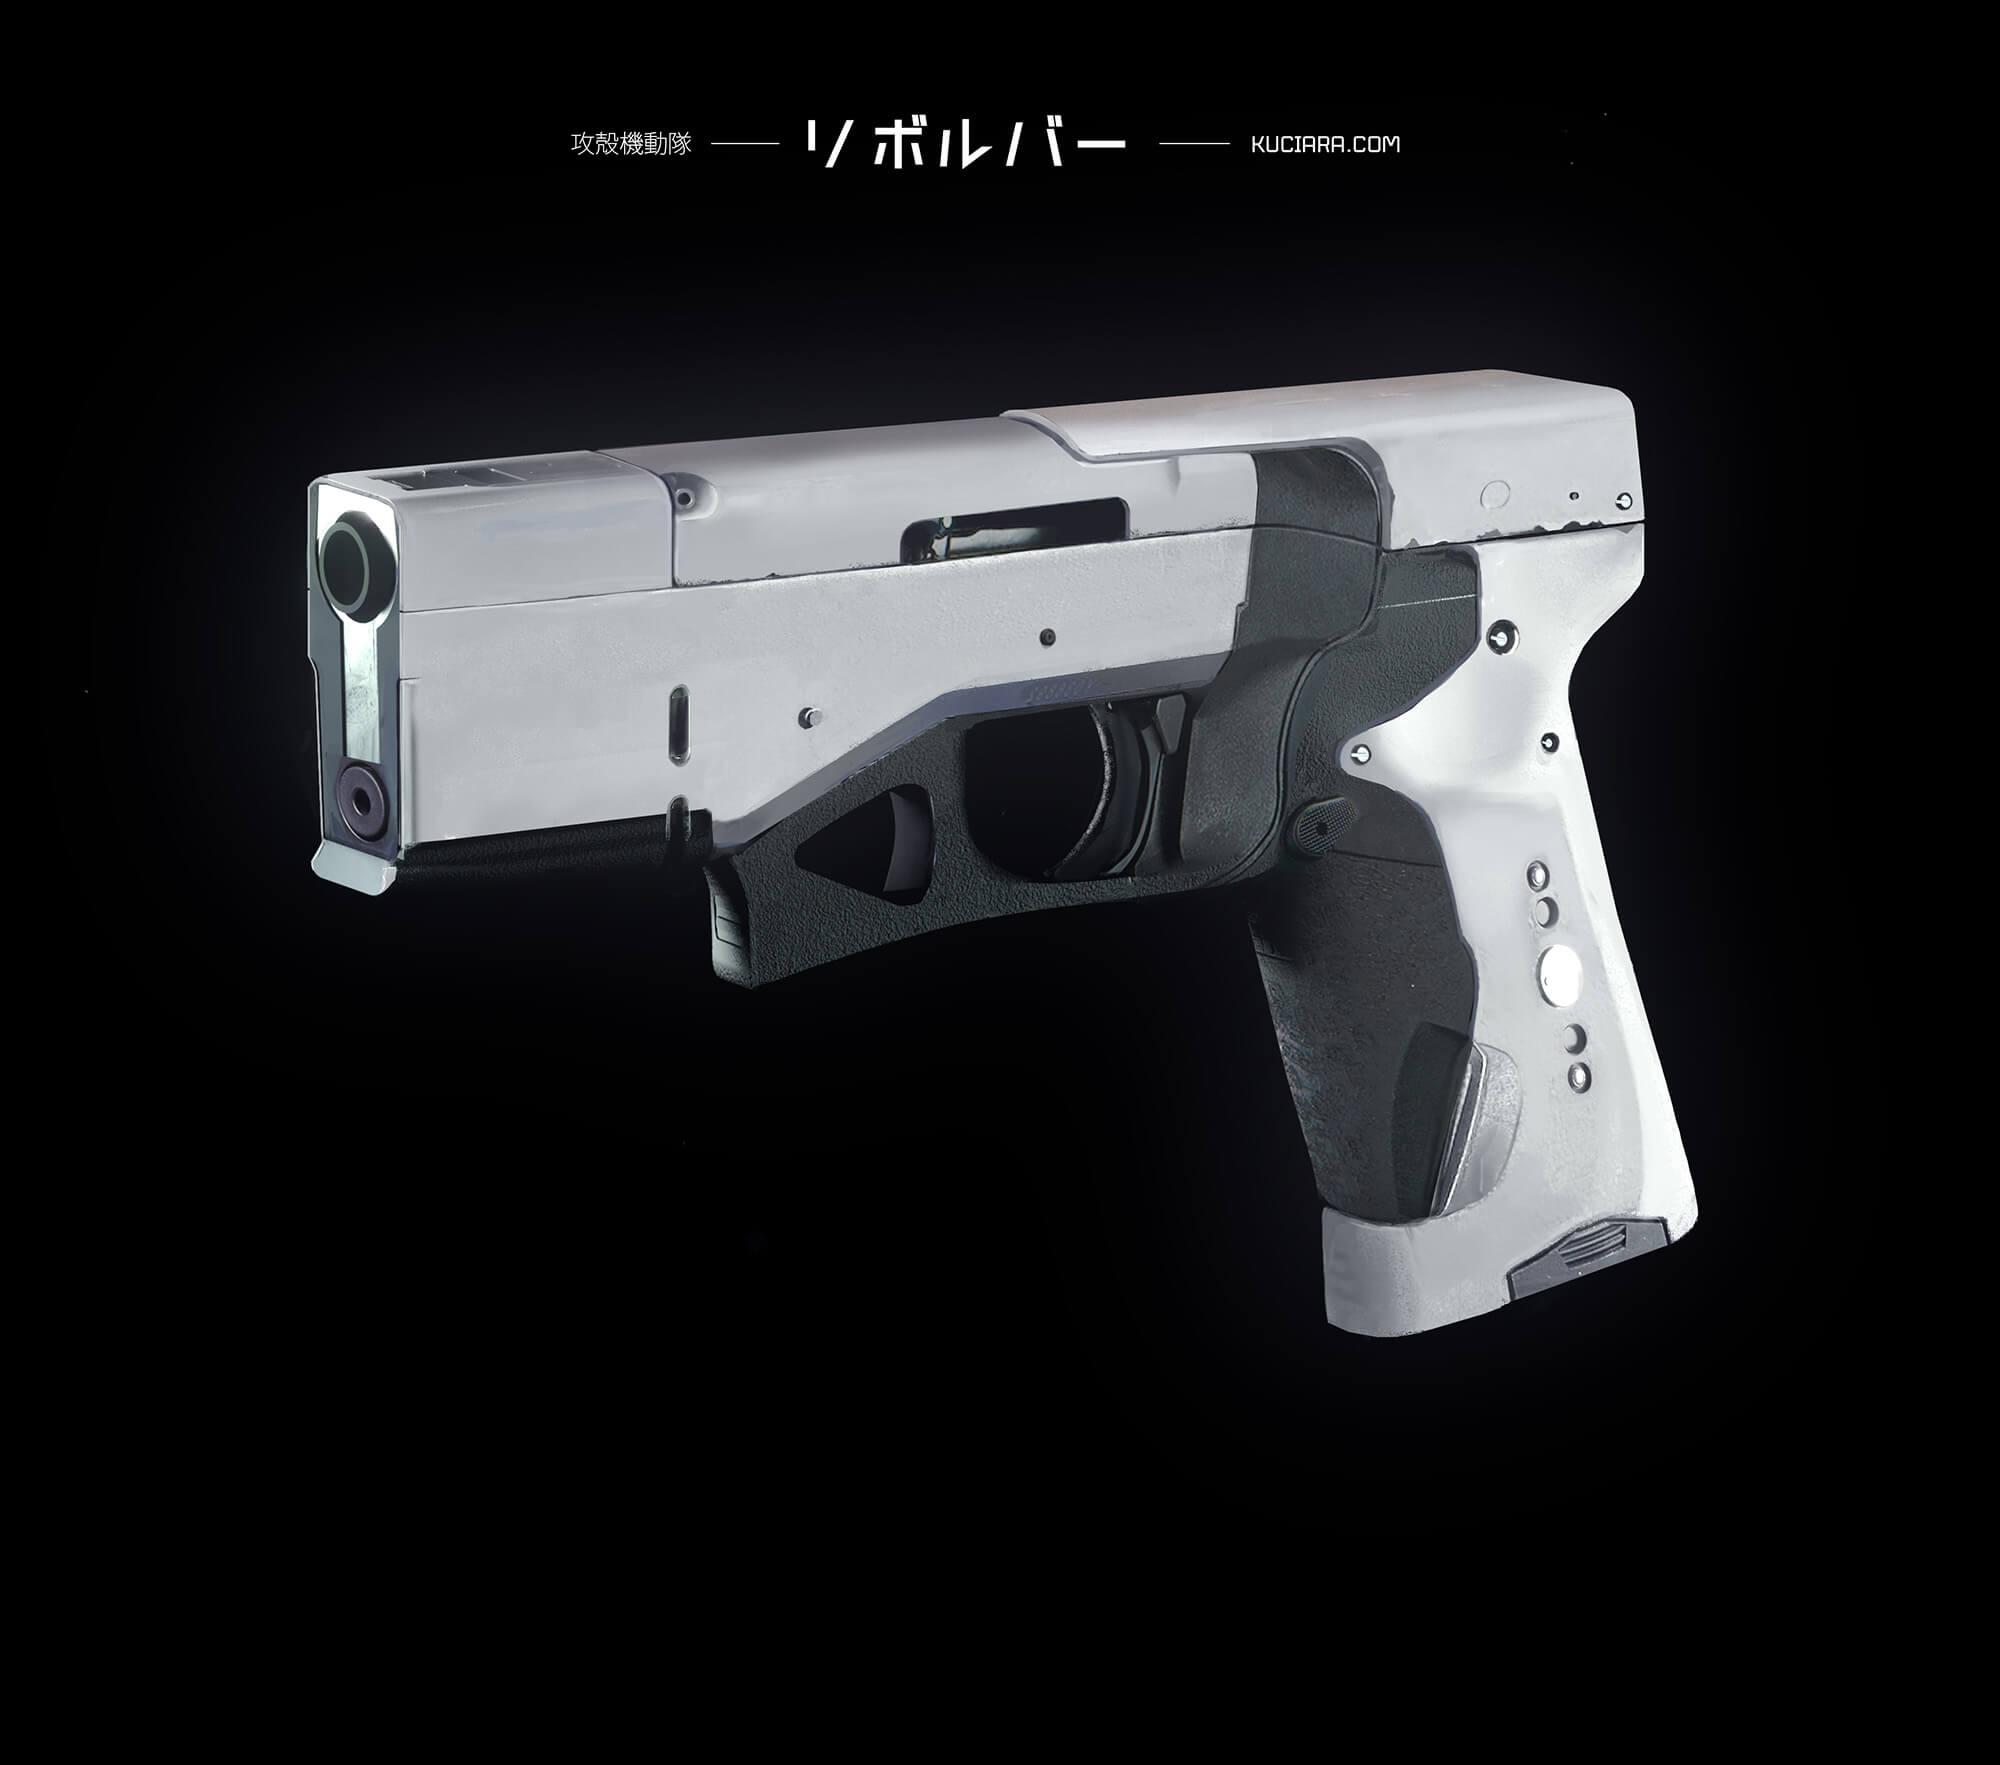 092915_WPN_Major_Pistol_White_MK_v002